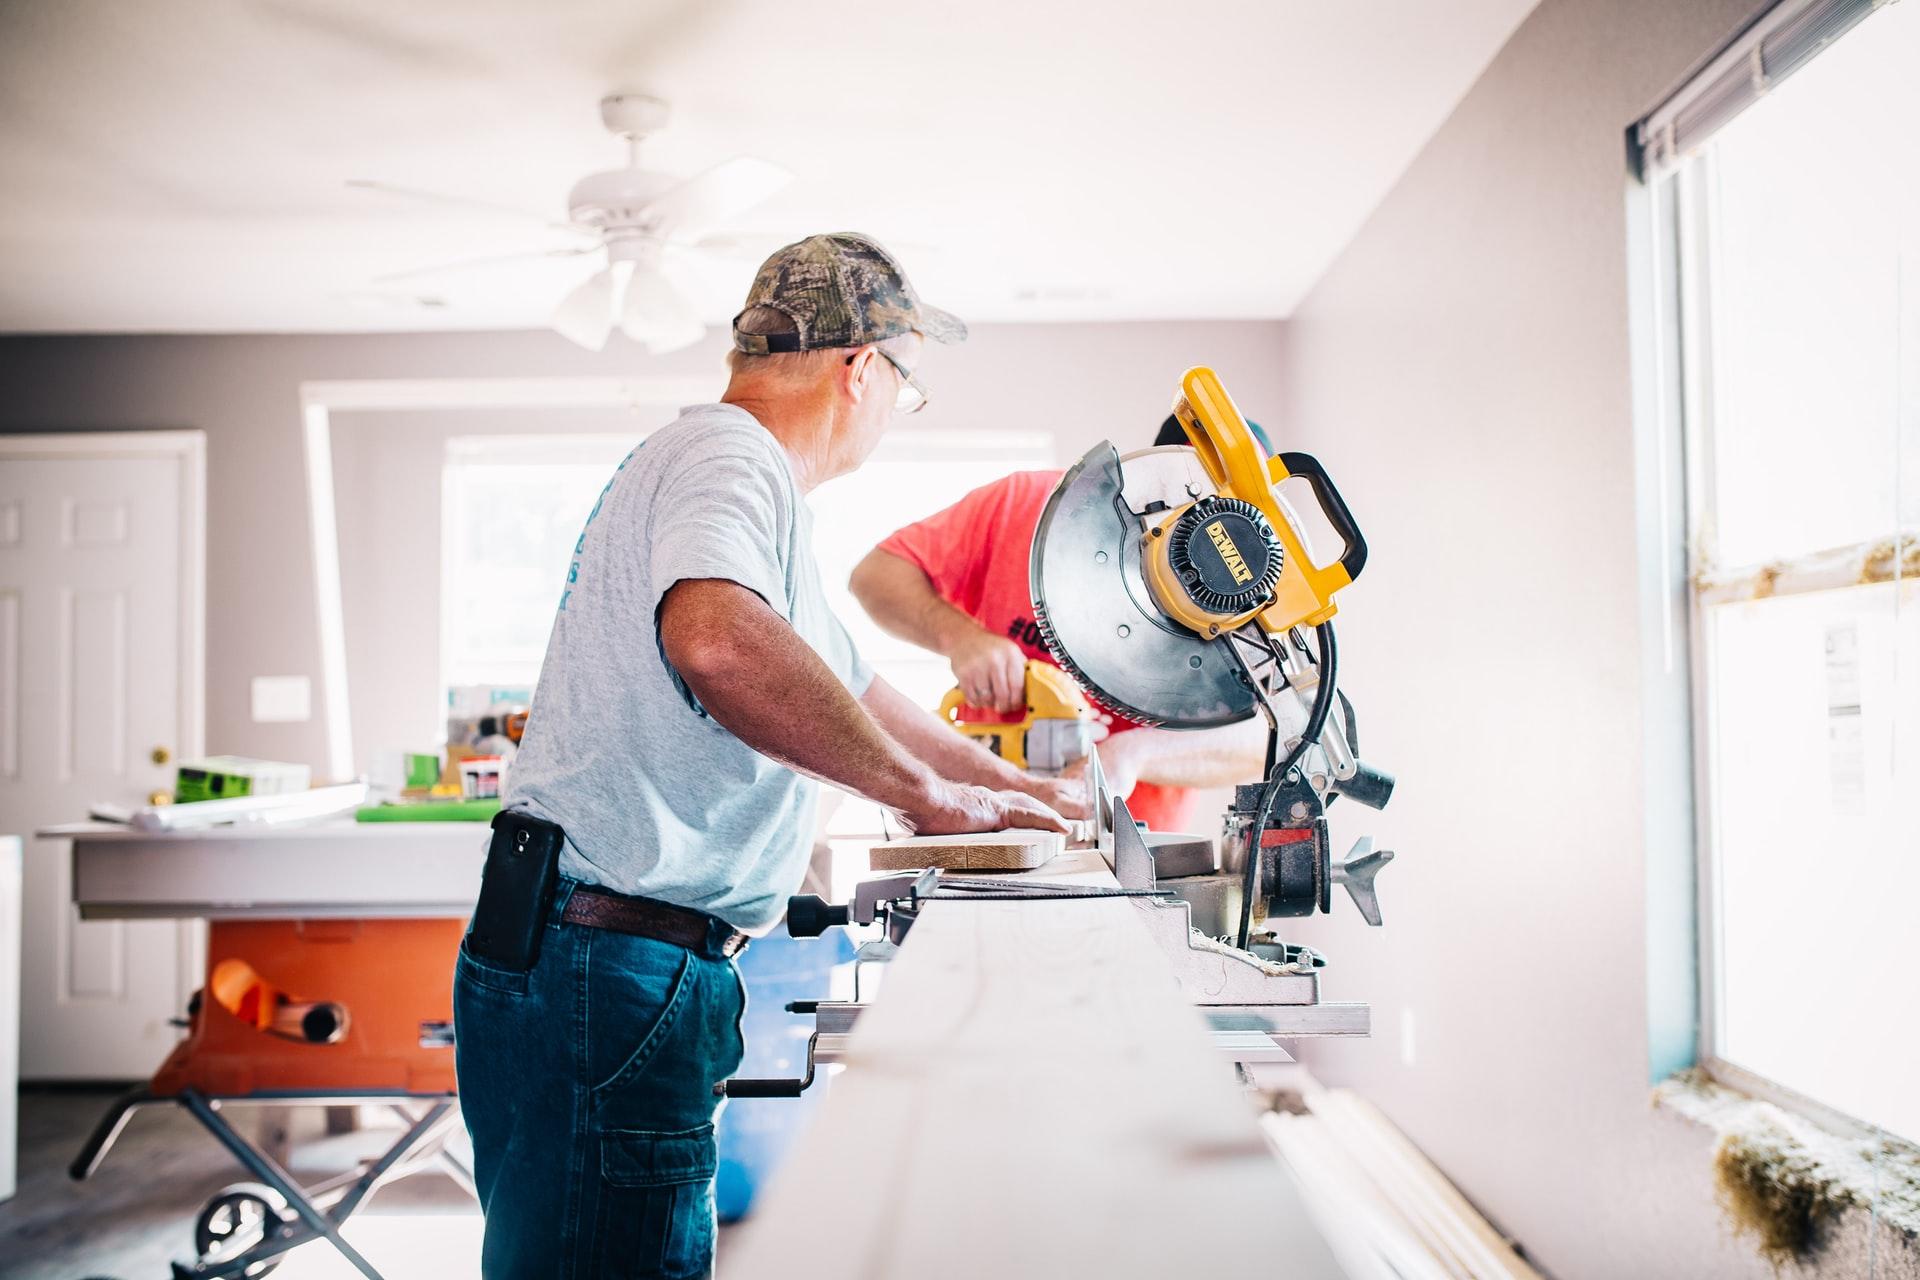 Installer en 5 étapes une fenêtre en PVC dans un logement